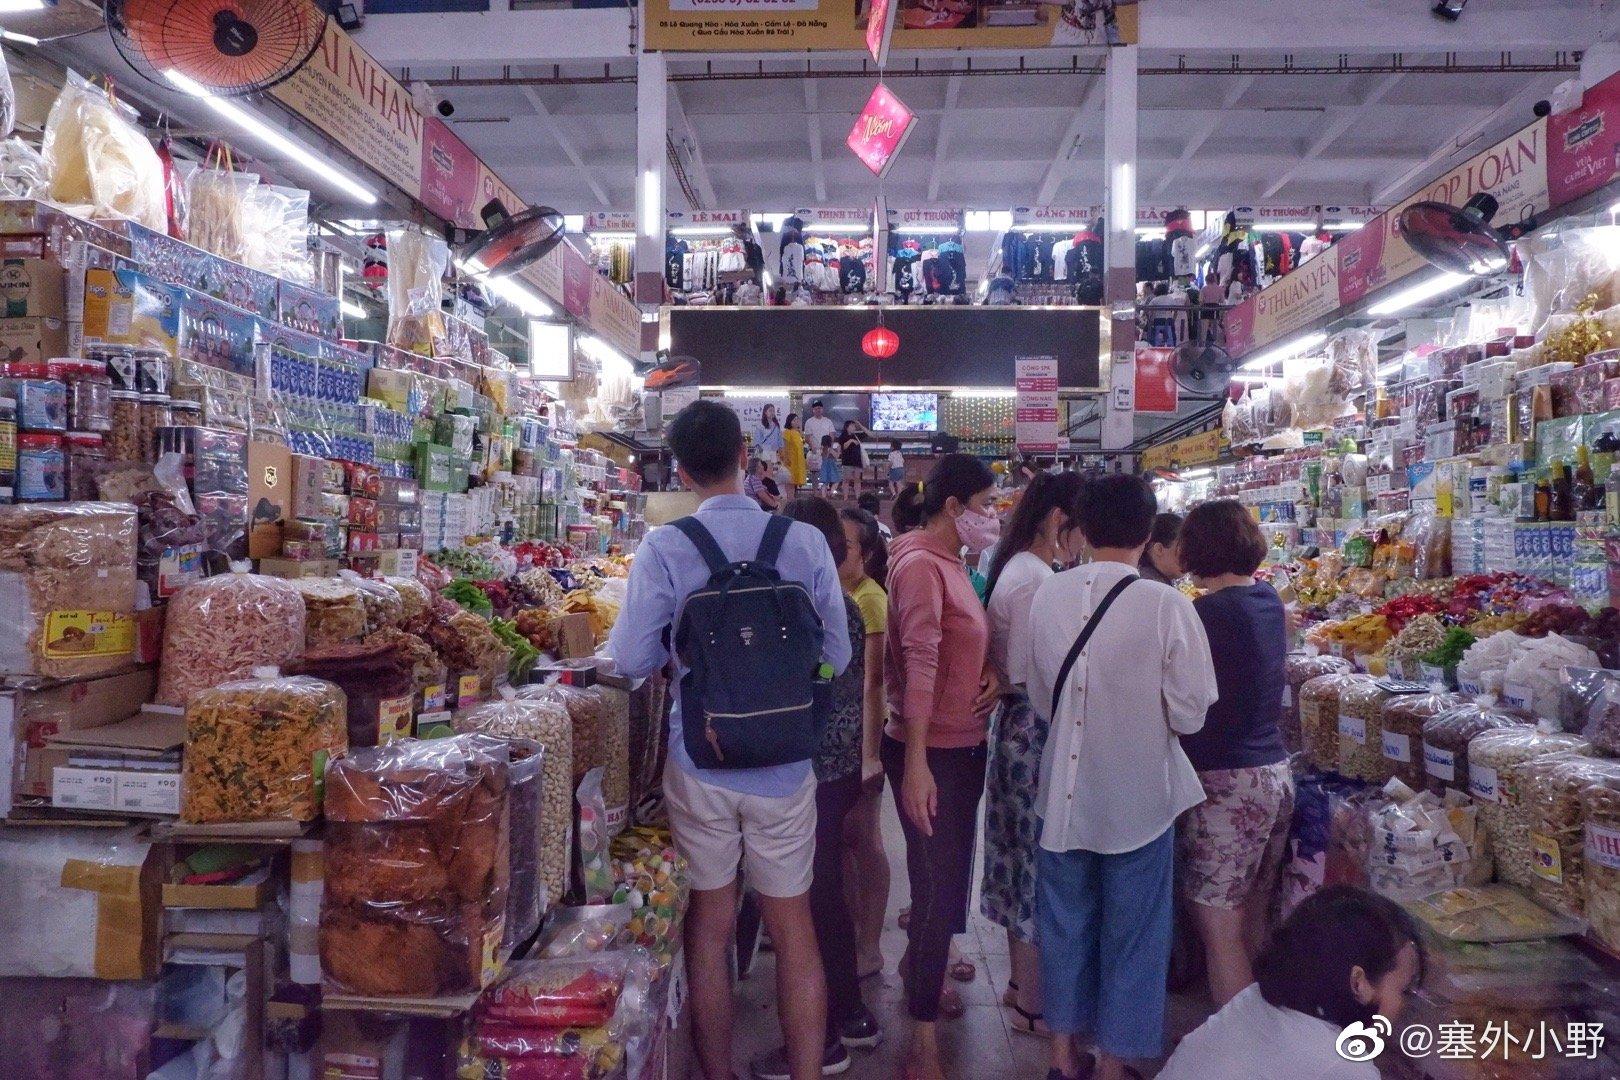 在越南岘港市的江瀚市场里发现都是中日韩的跟团游客